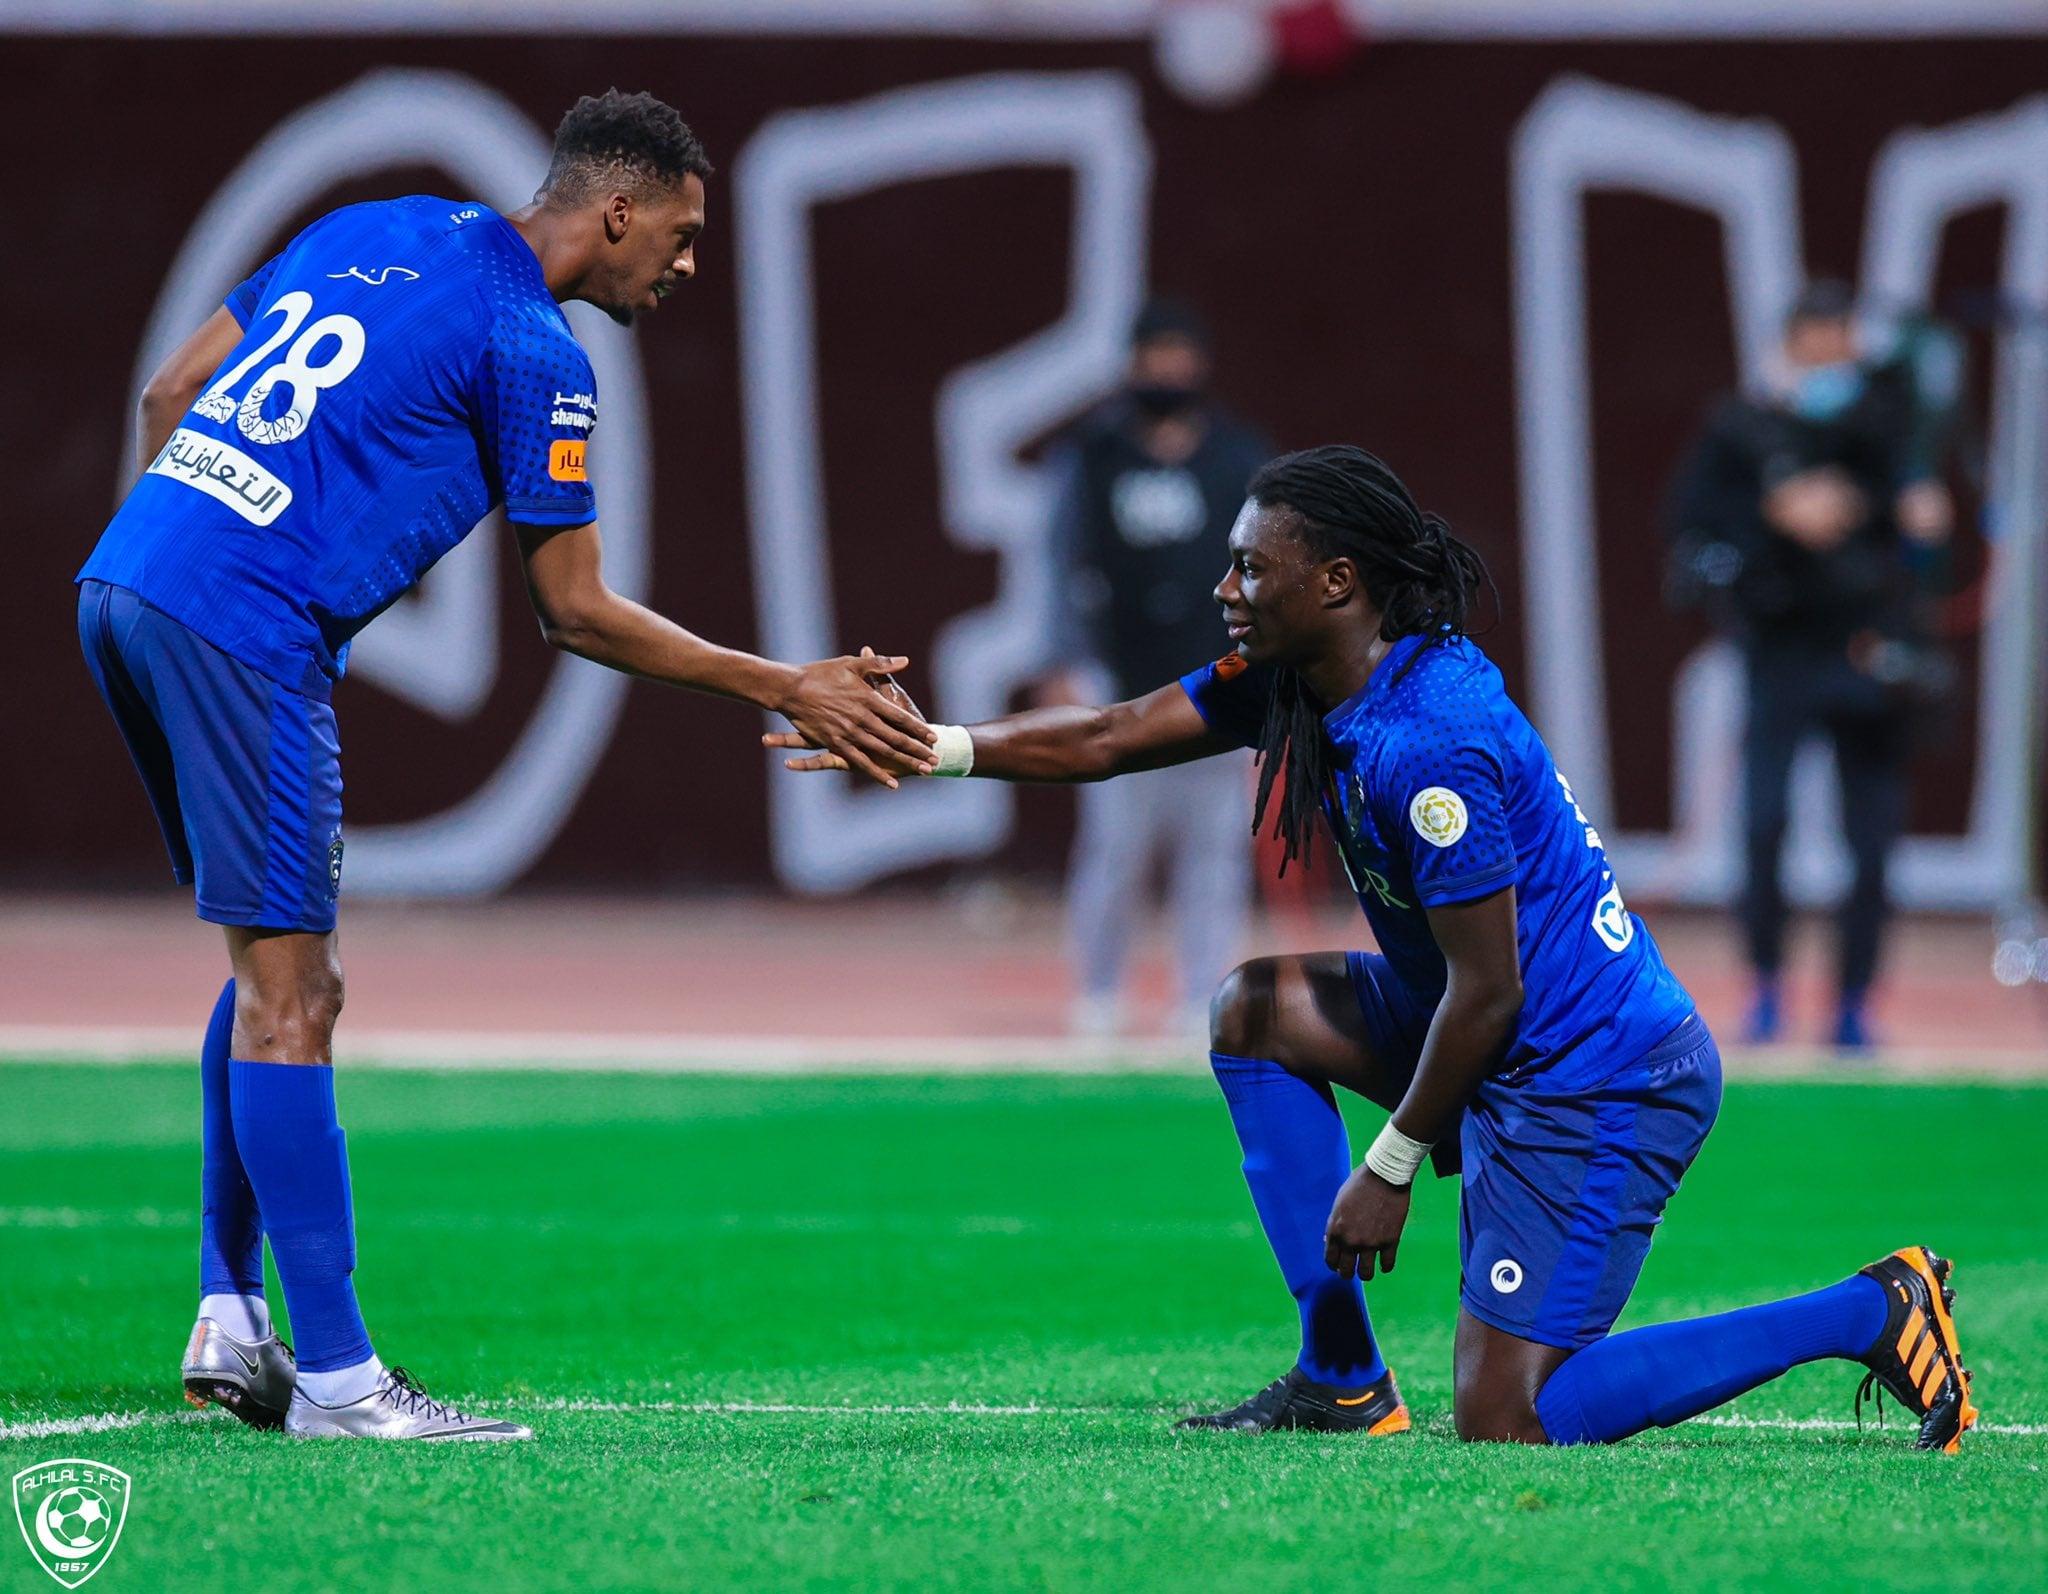 منذ ما يقرب من 20 عاما.. أي موسم تعادل الهلال 6 مرات بعد أول 15 مباراة بالدوري السعودي؟